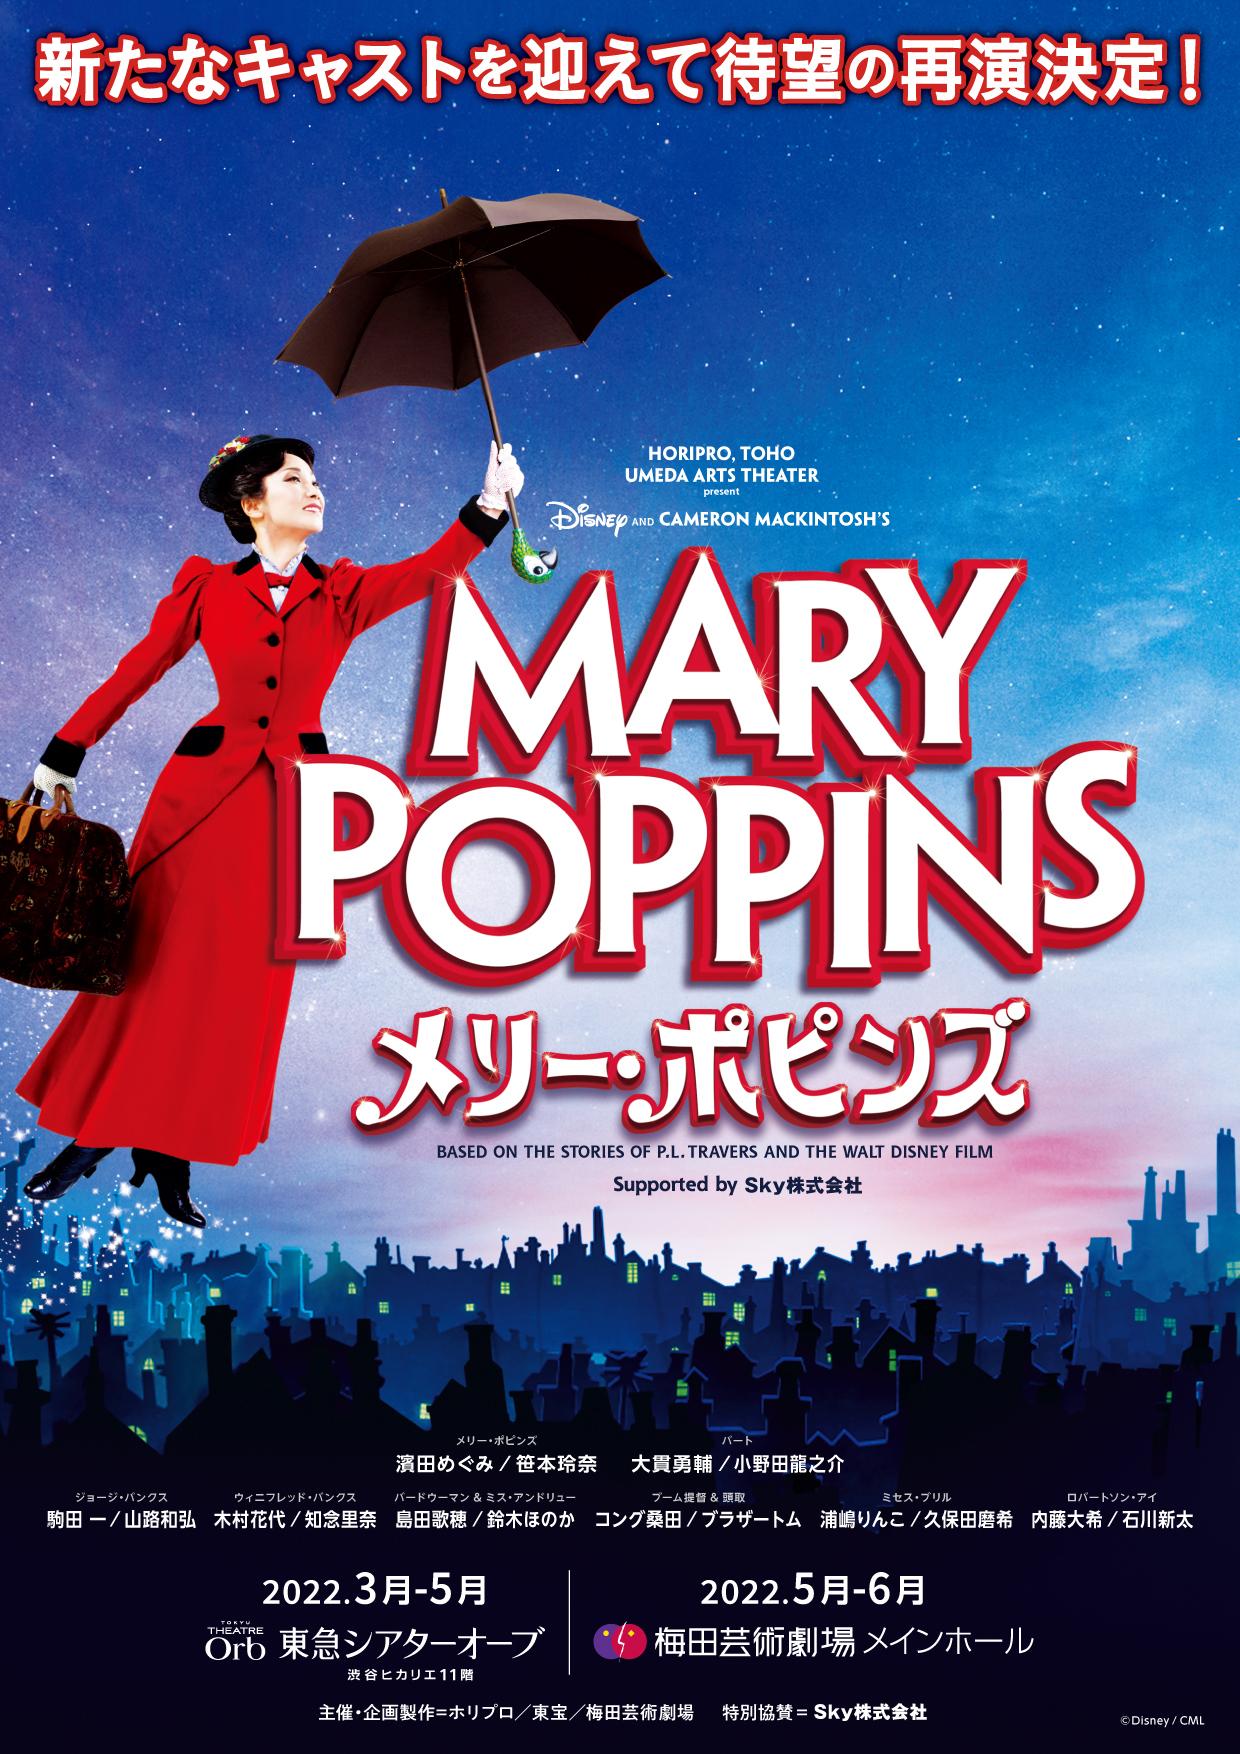 『メリー・ポピンズ』2022年公演ビジュアル